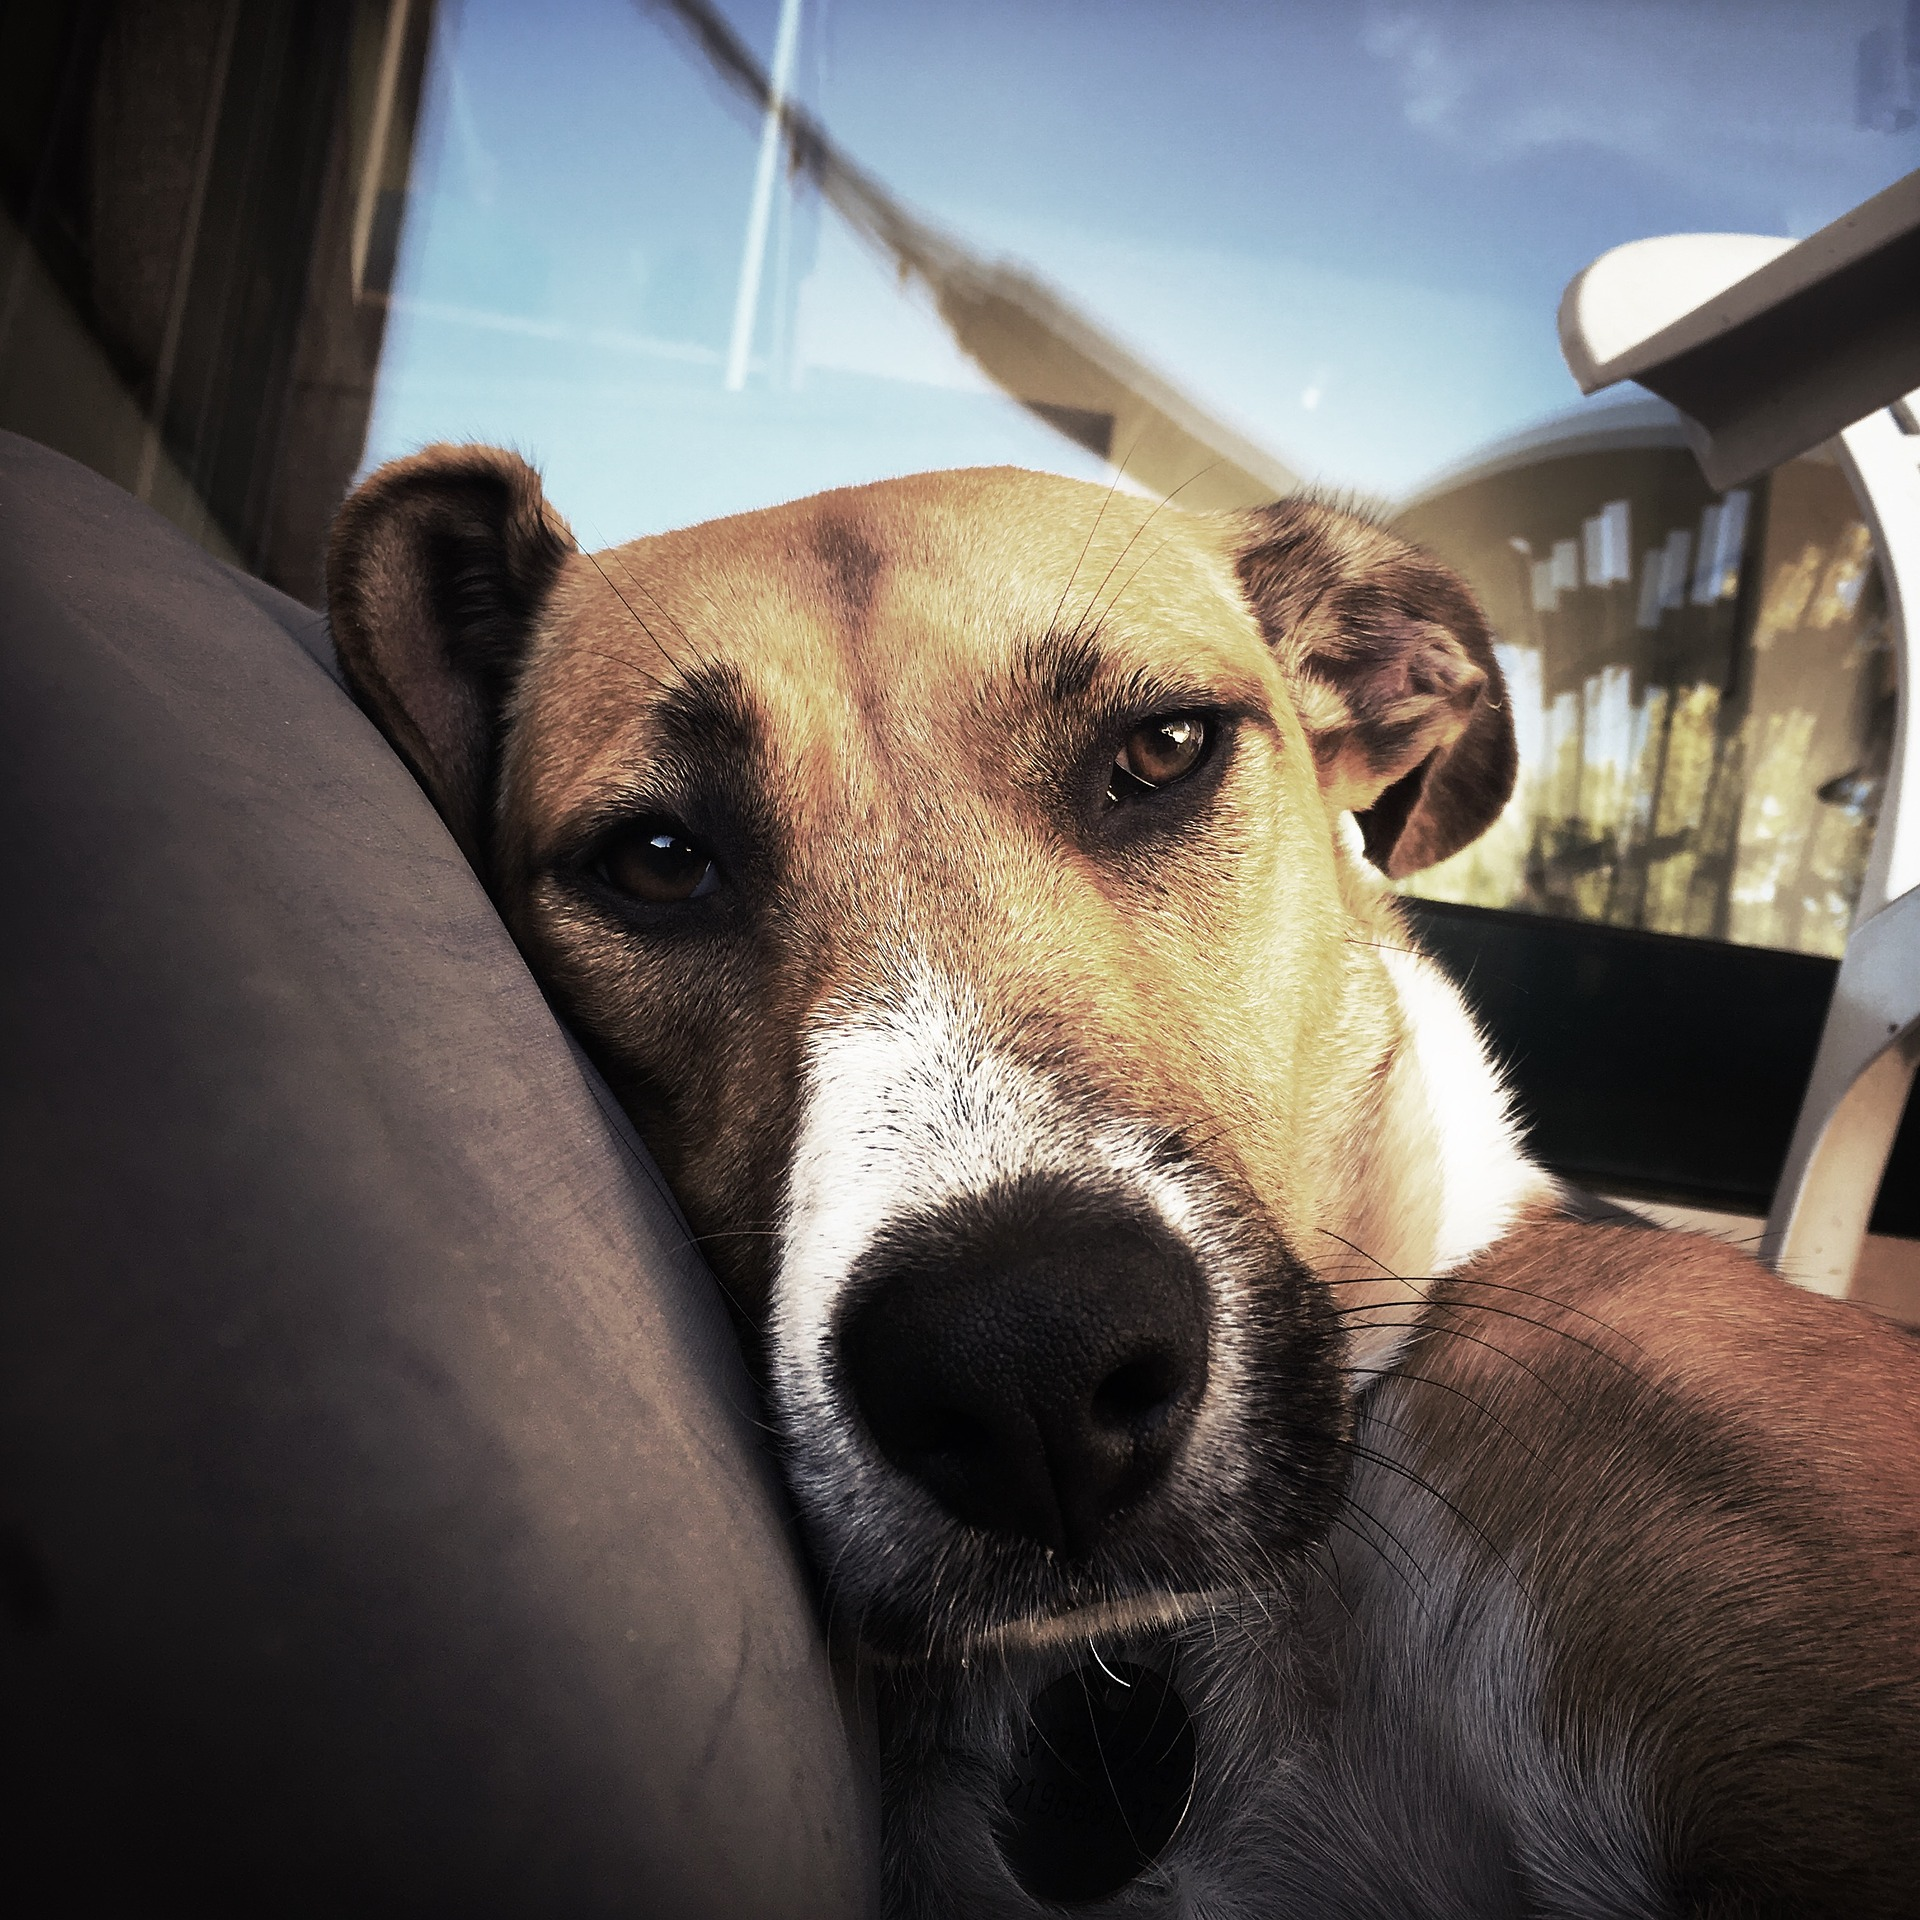 Właściciele psów powinni zadbać, by ich pupil był wybiegany i zmęczony.<b>...